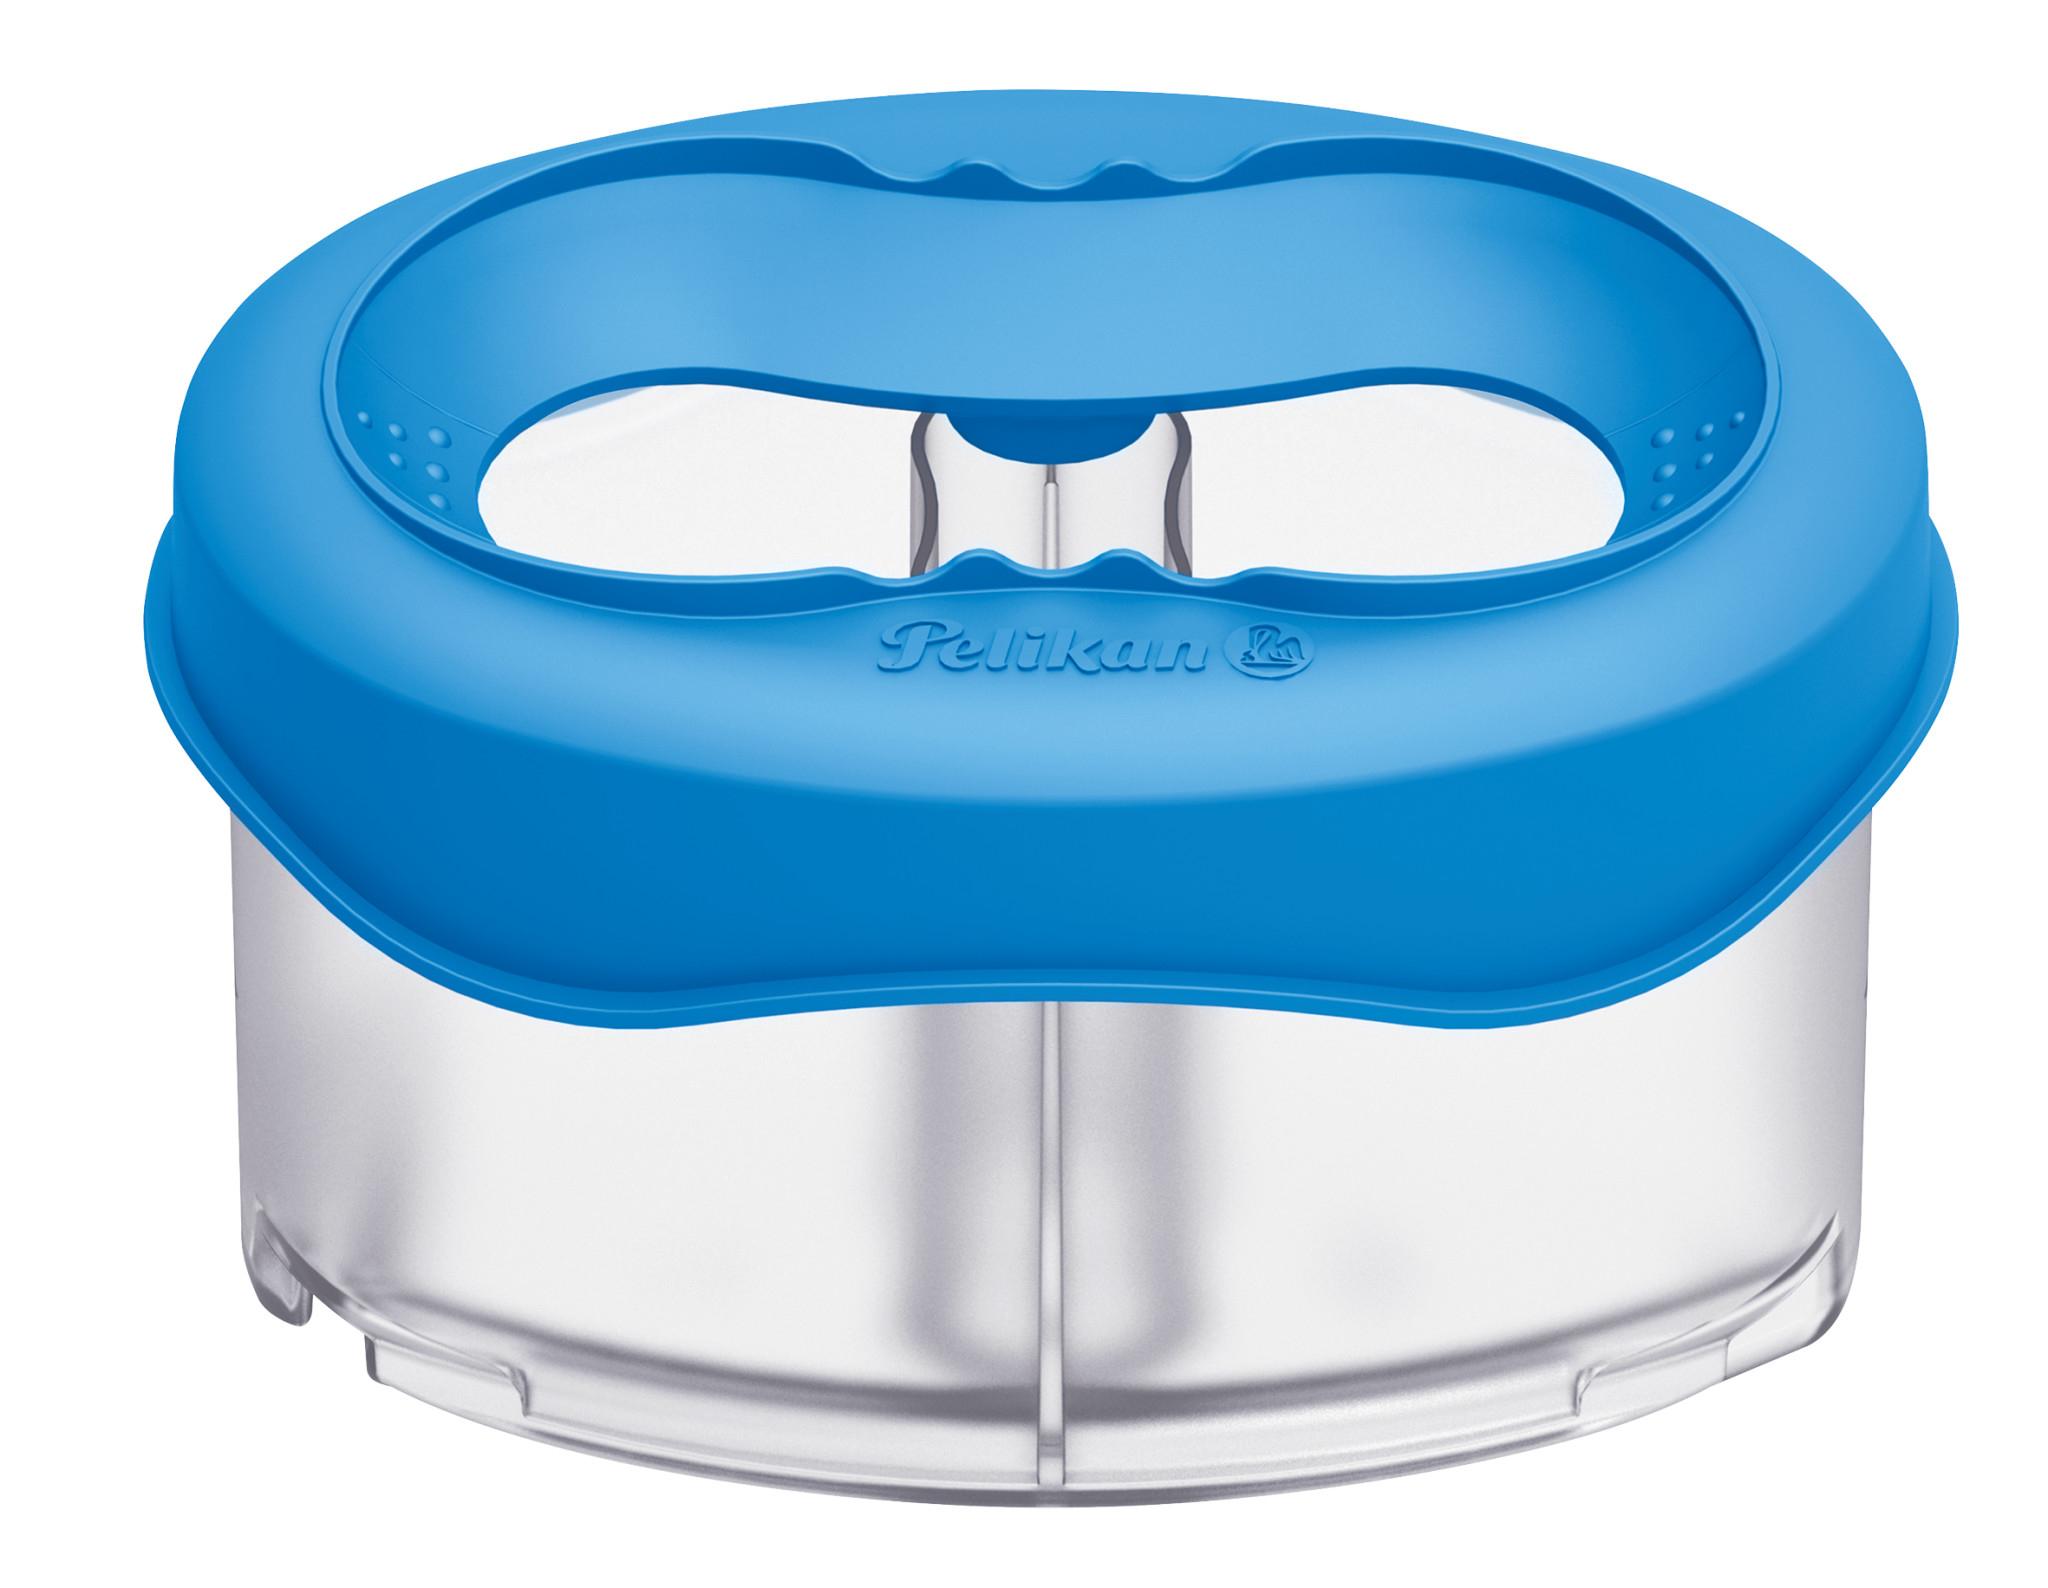 Pelikan 800310 - Wasserbox für Space+ und K12 - Transparent - Blau